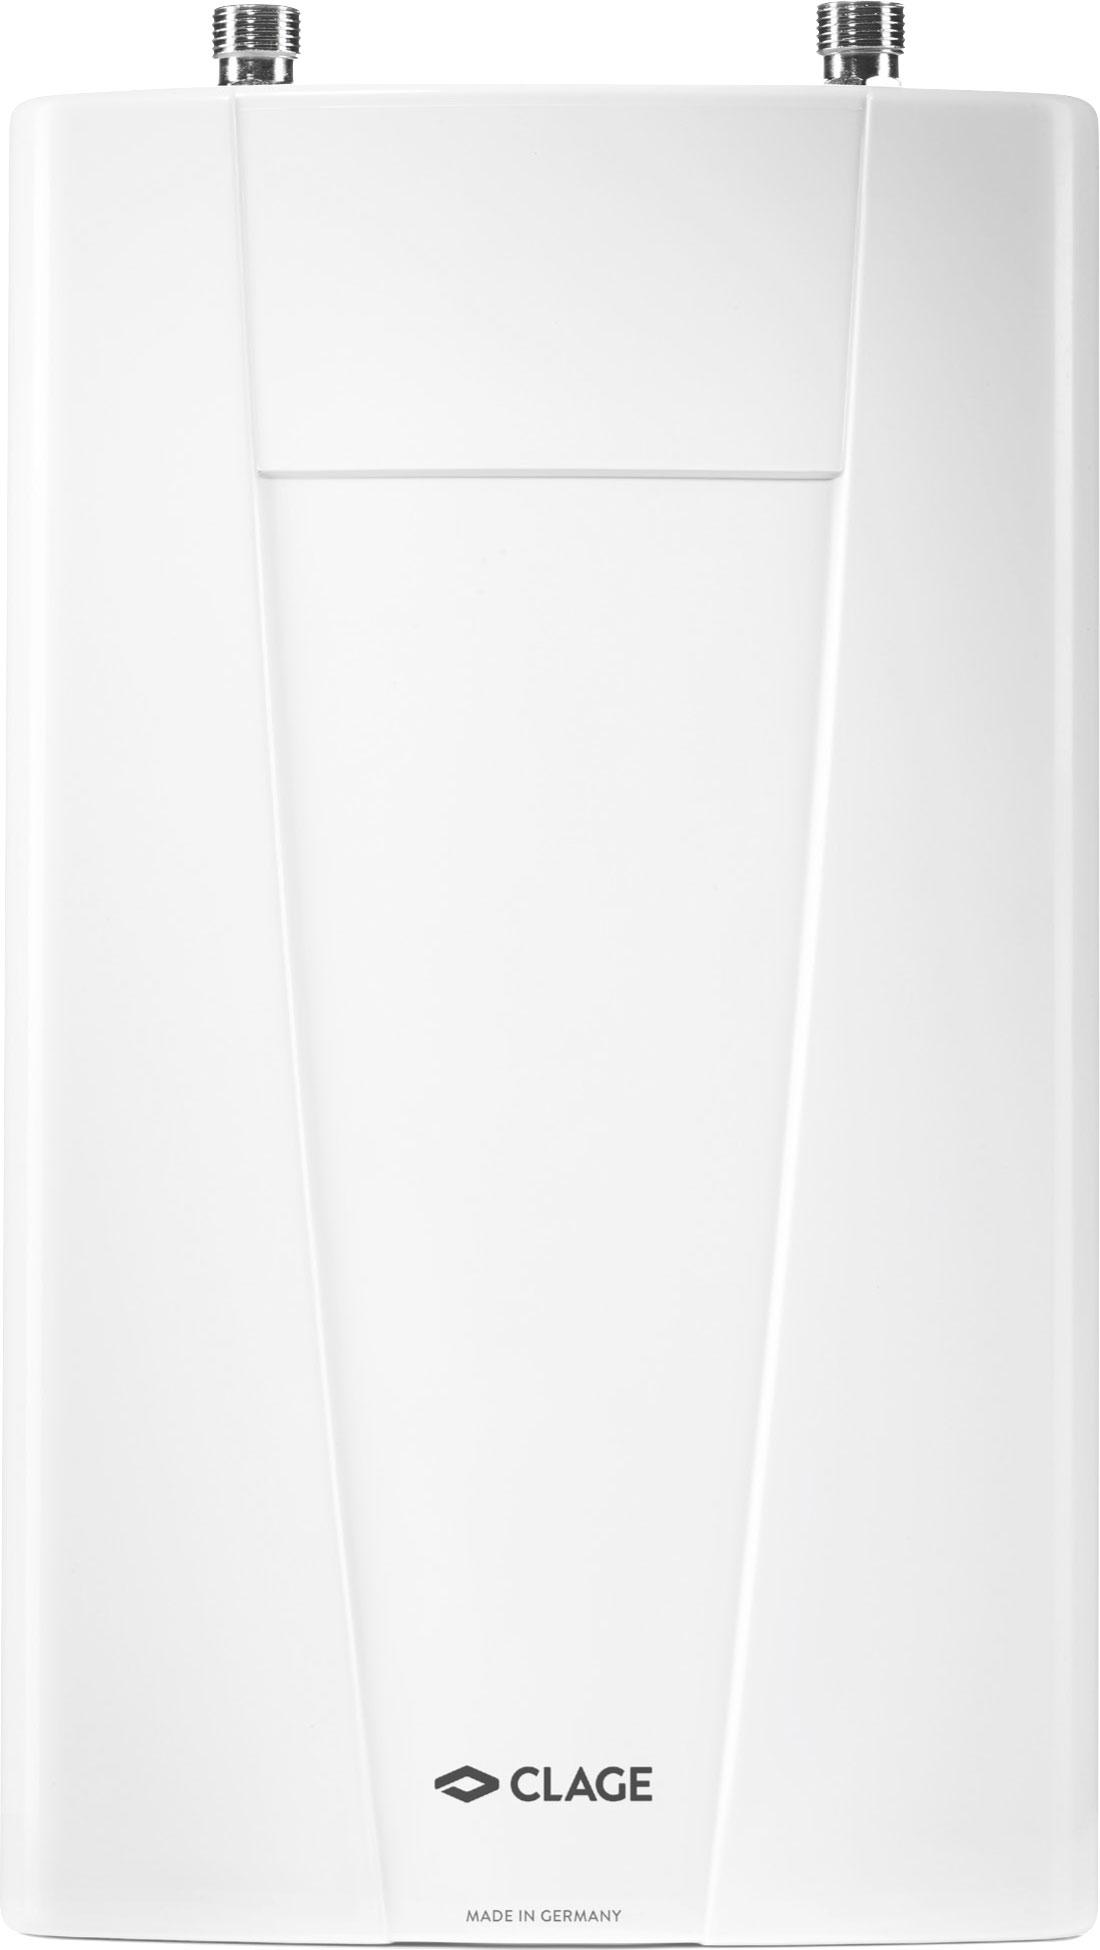 Проточный водонагреватель Clage CDX 11 U